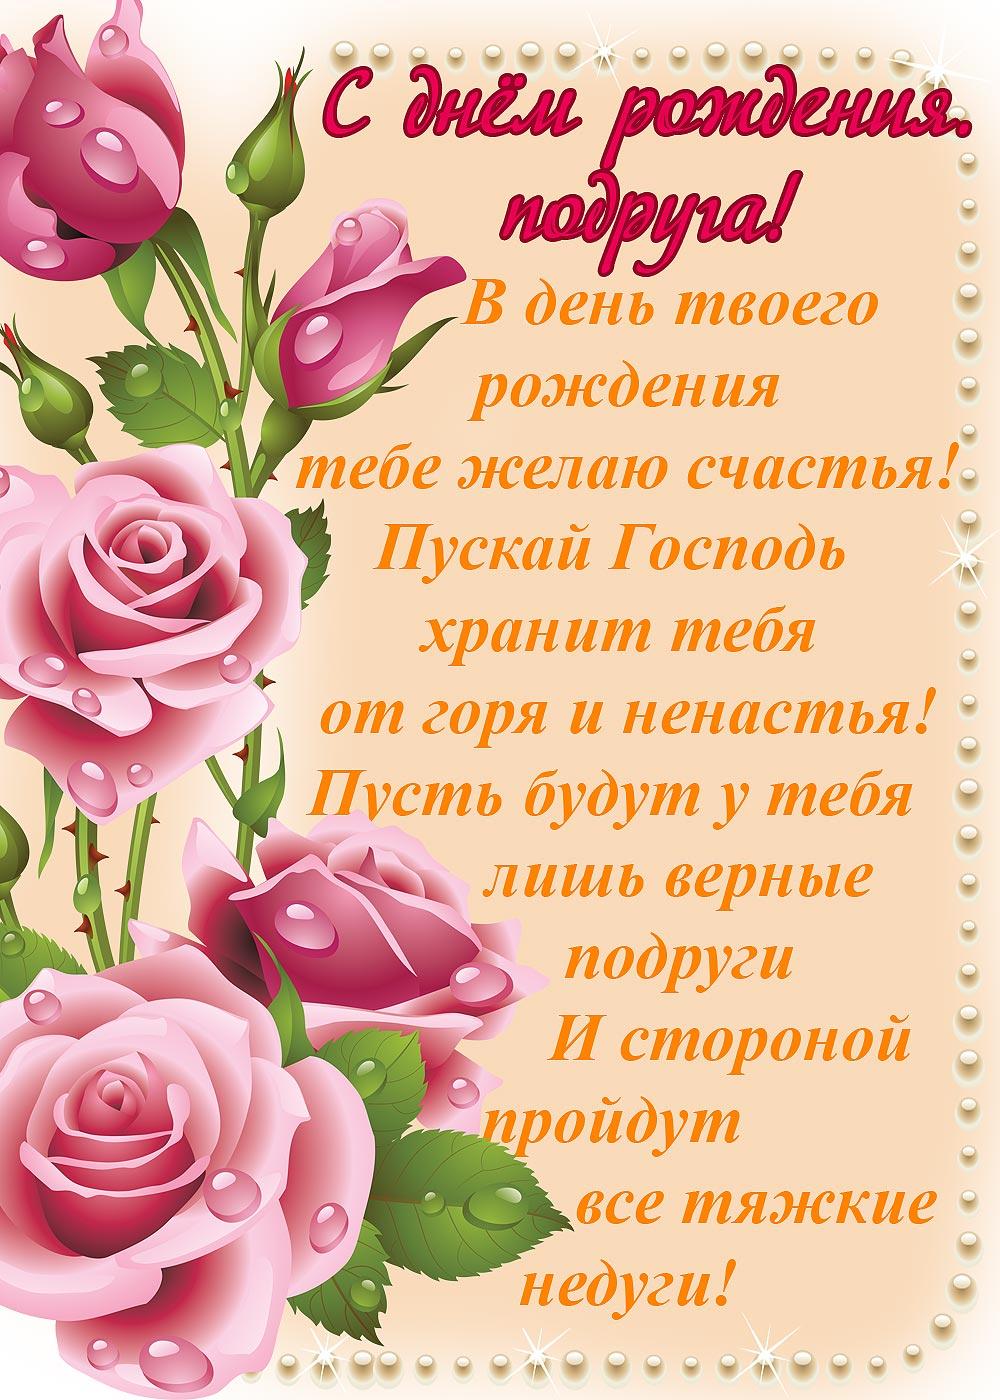 Оригинальная открытка подруге на день рождения своими